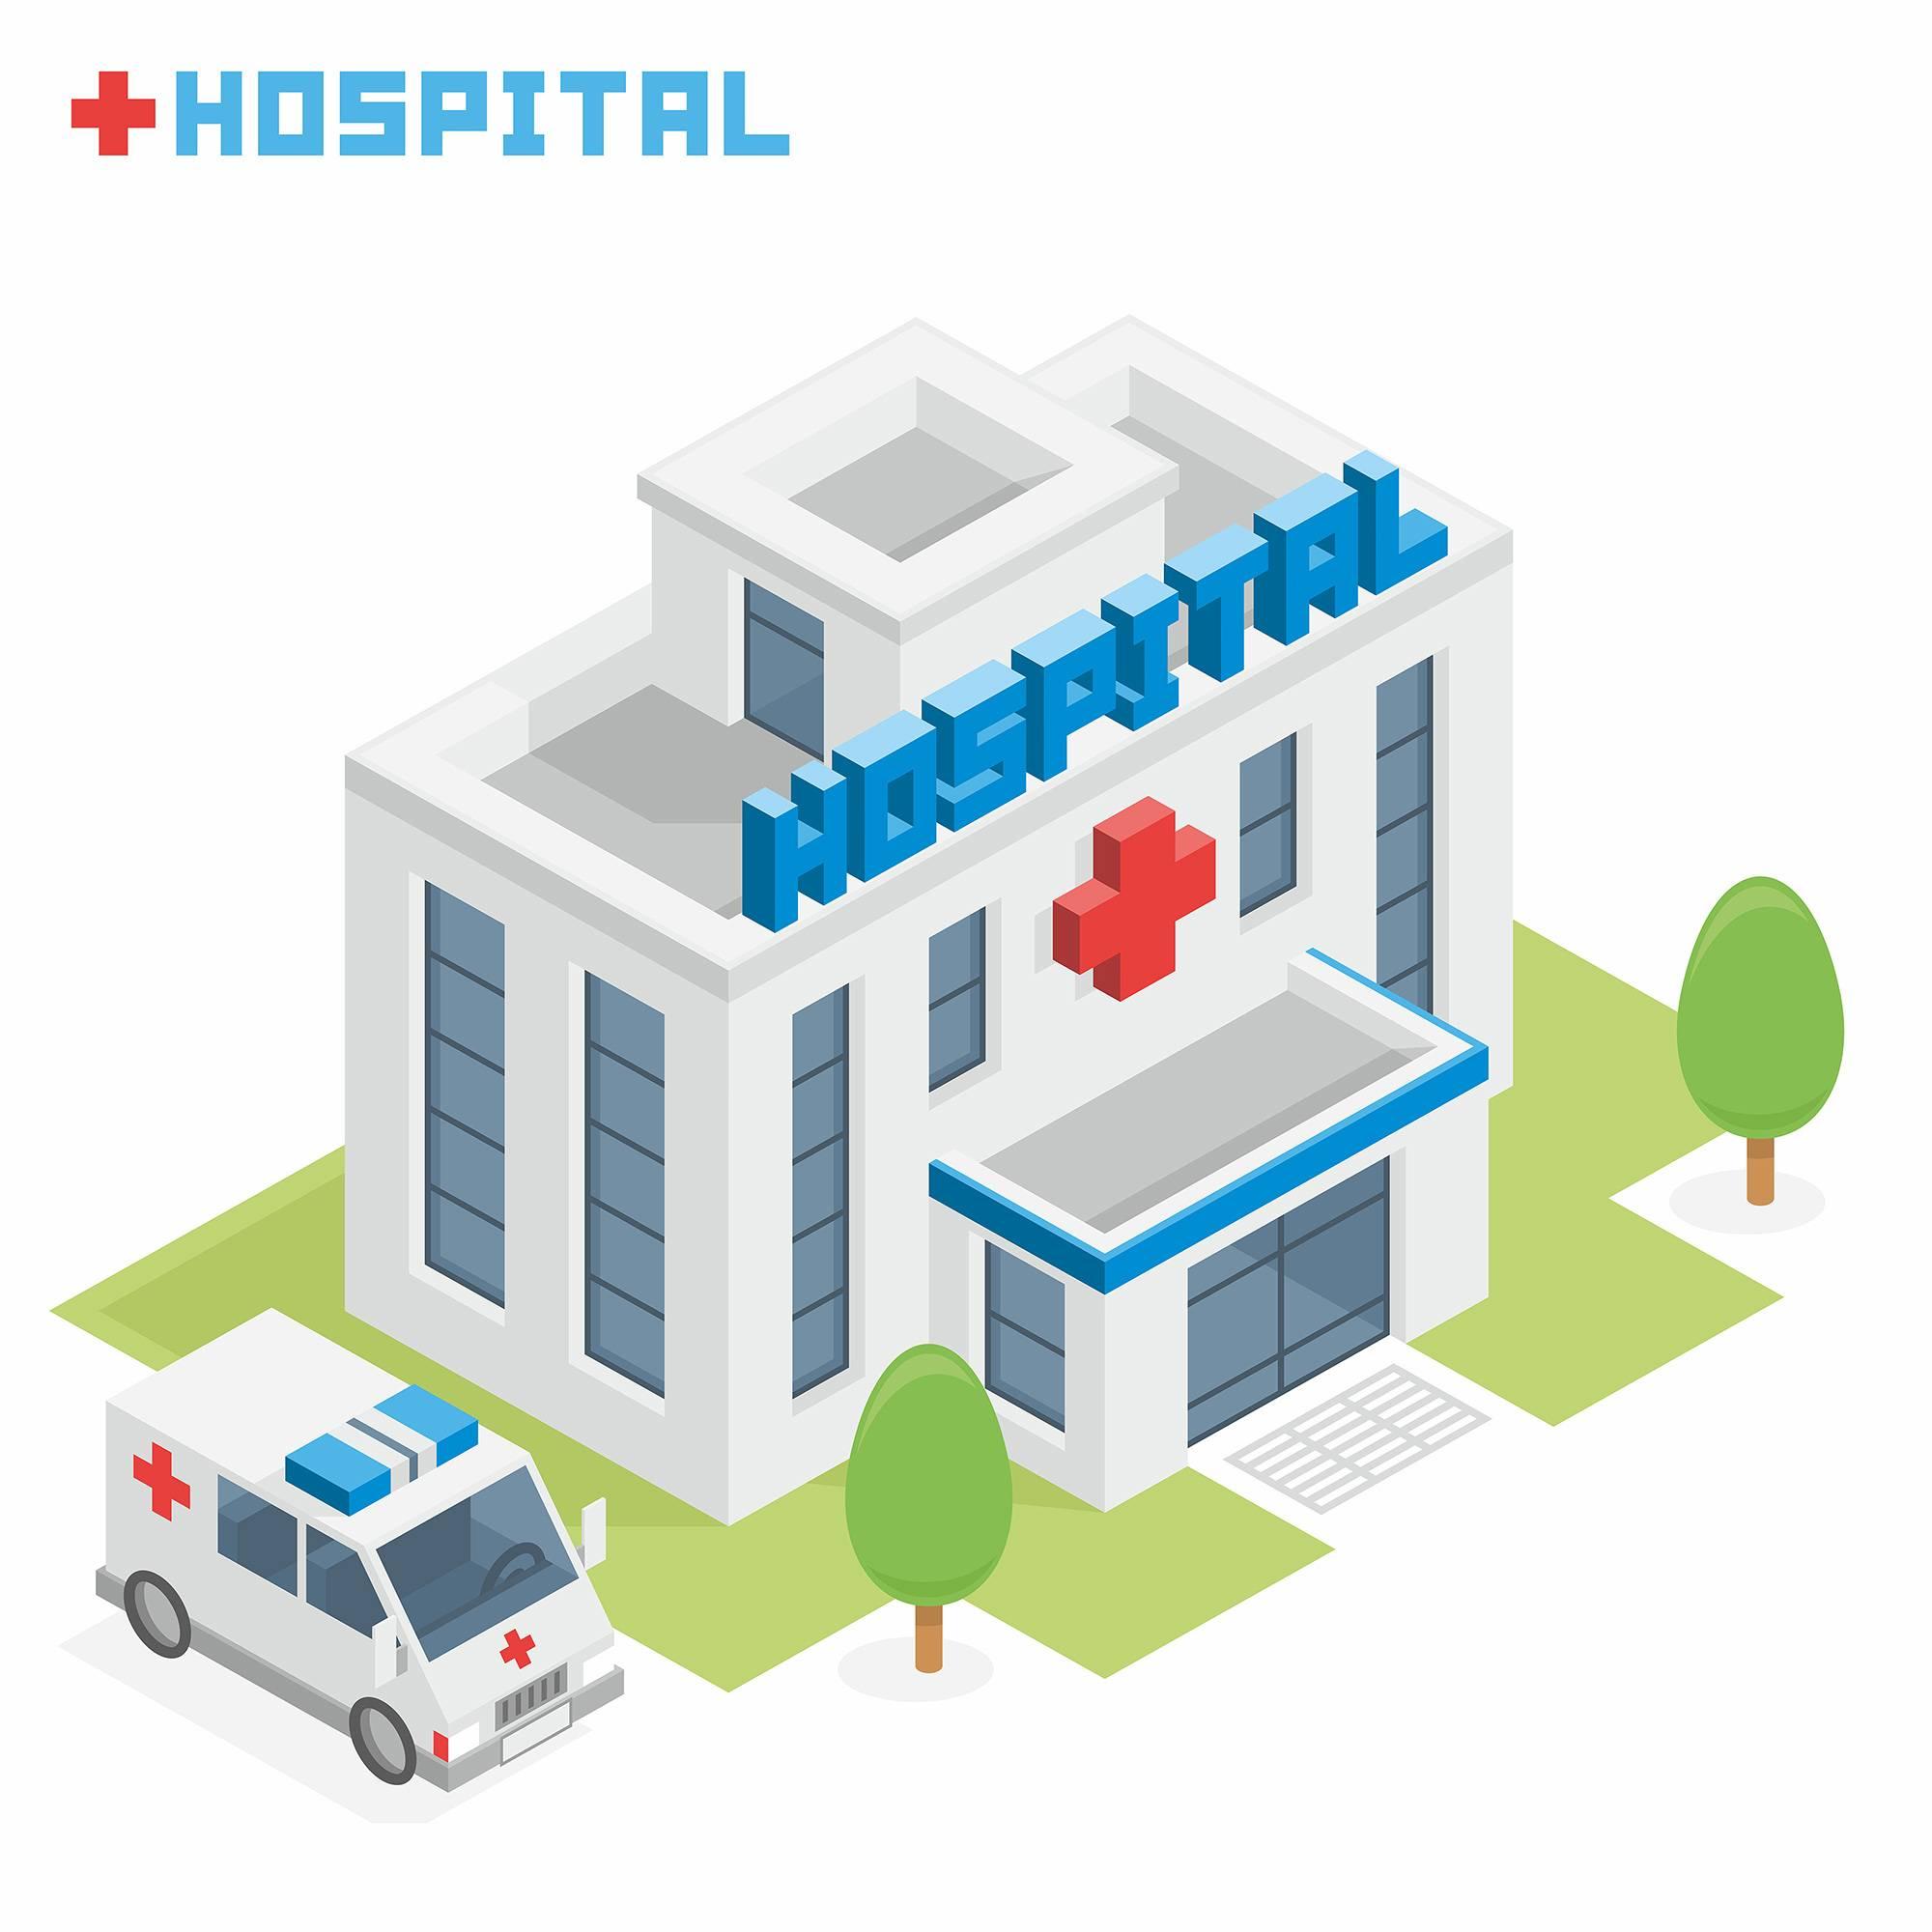 医院3D扁平化创意设计